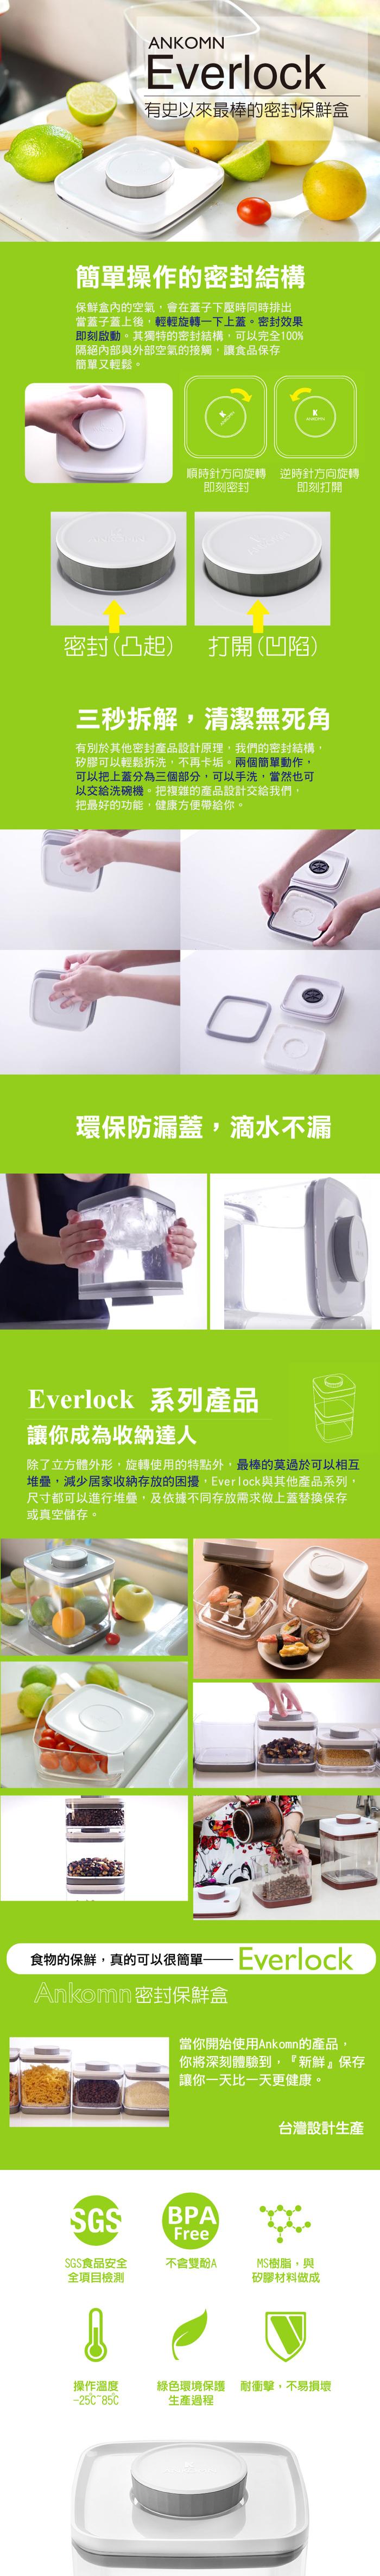 (複製)ANKOMN|Savior 真空保鮮盒2.5L +  Choice 保鮮盒2.5L